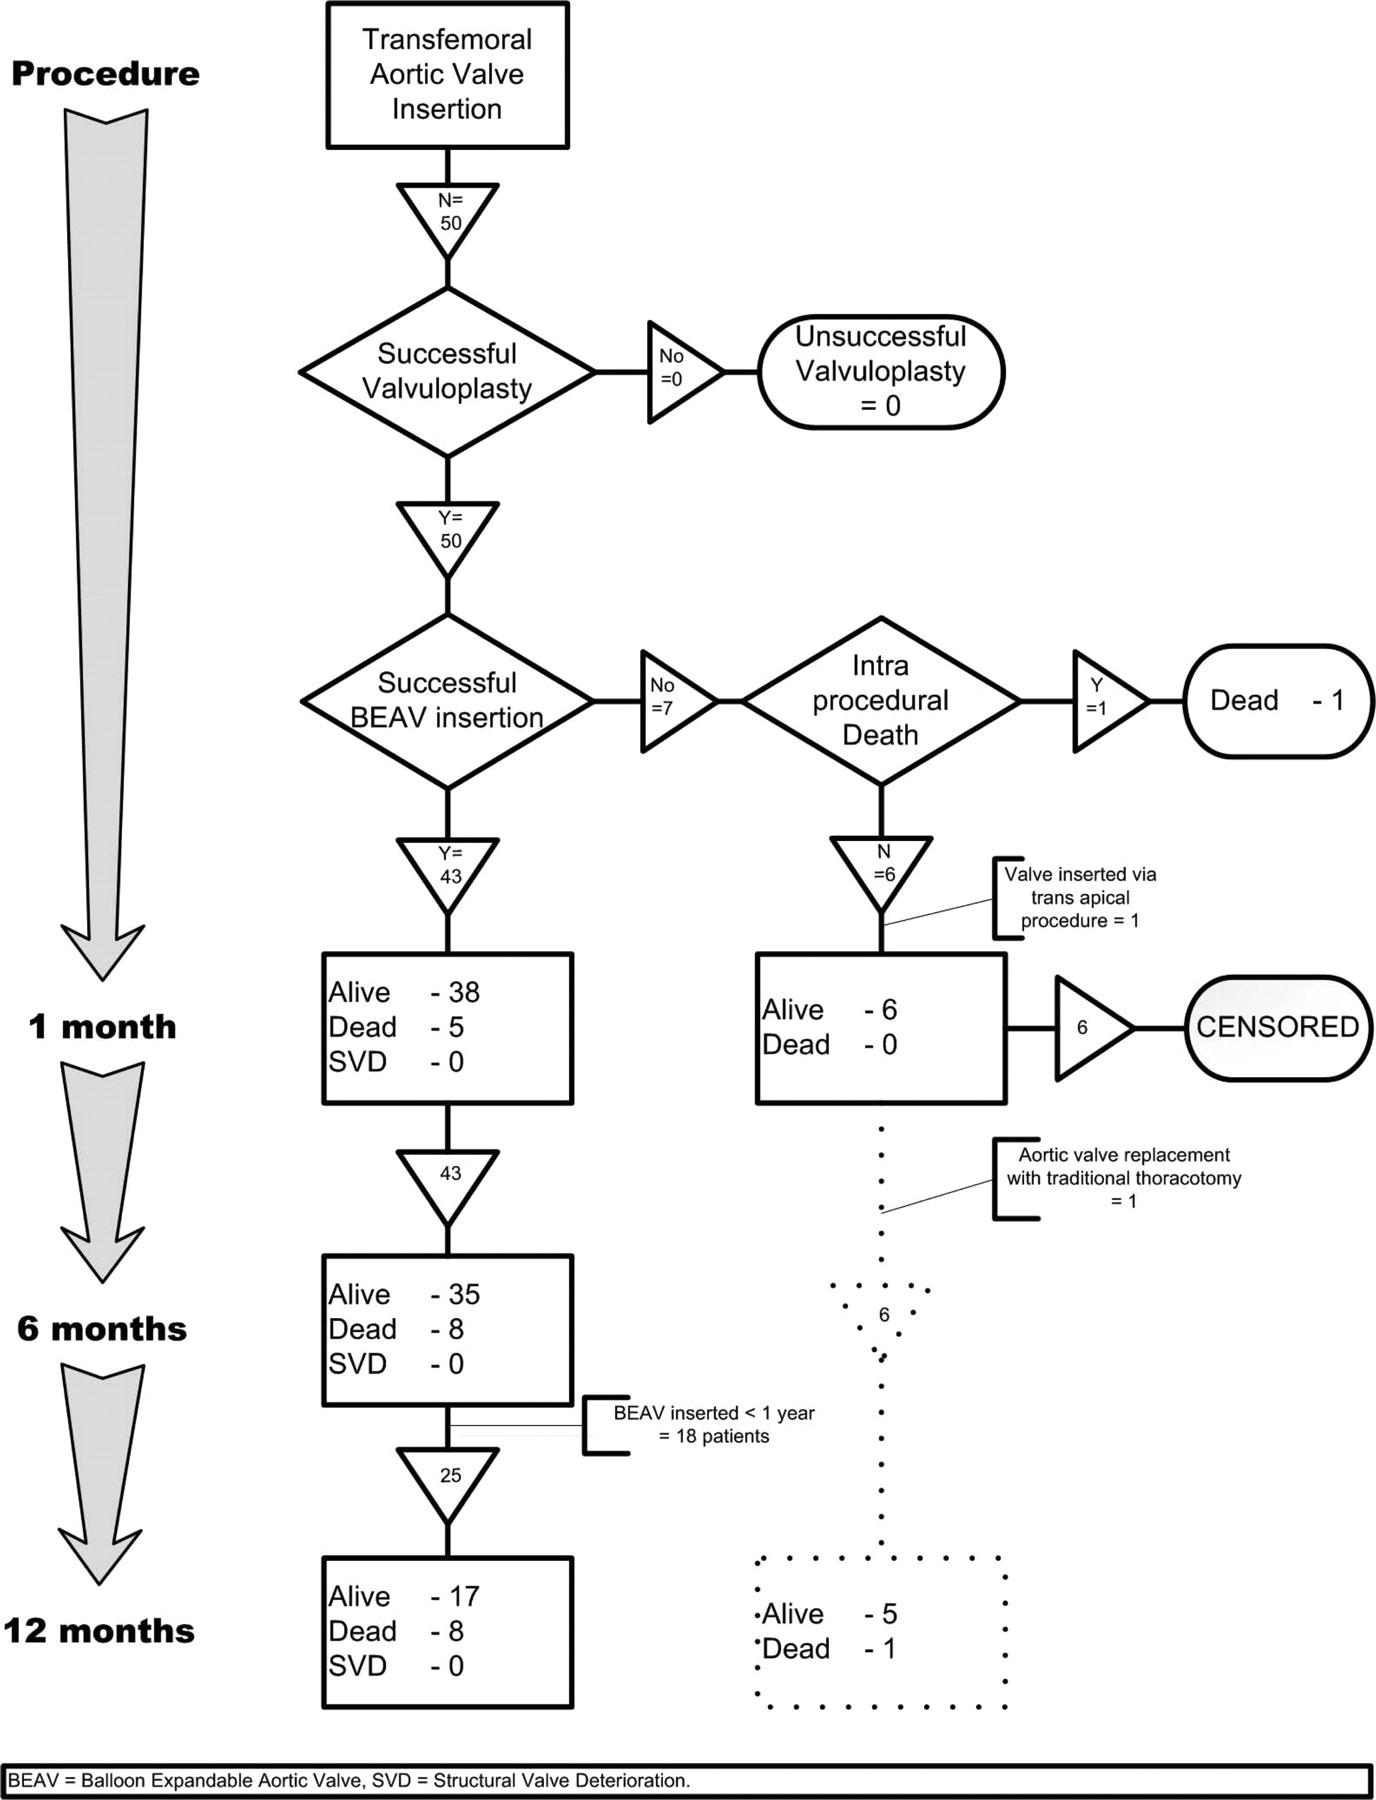 Percutaneous Transarterial Aortic Valve Replacement In